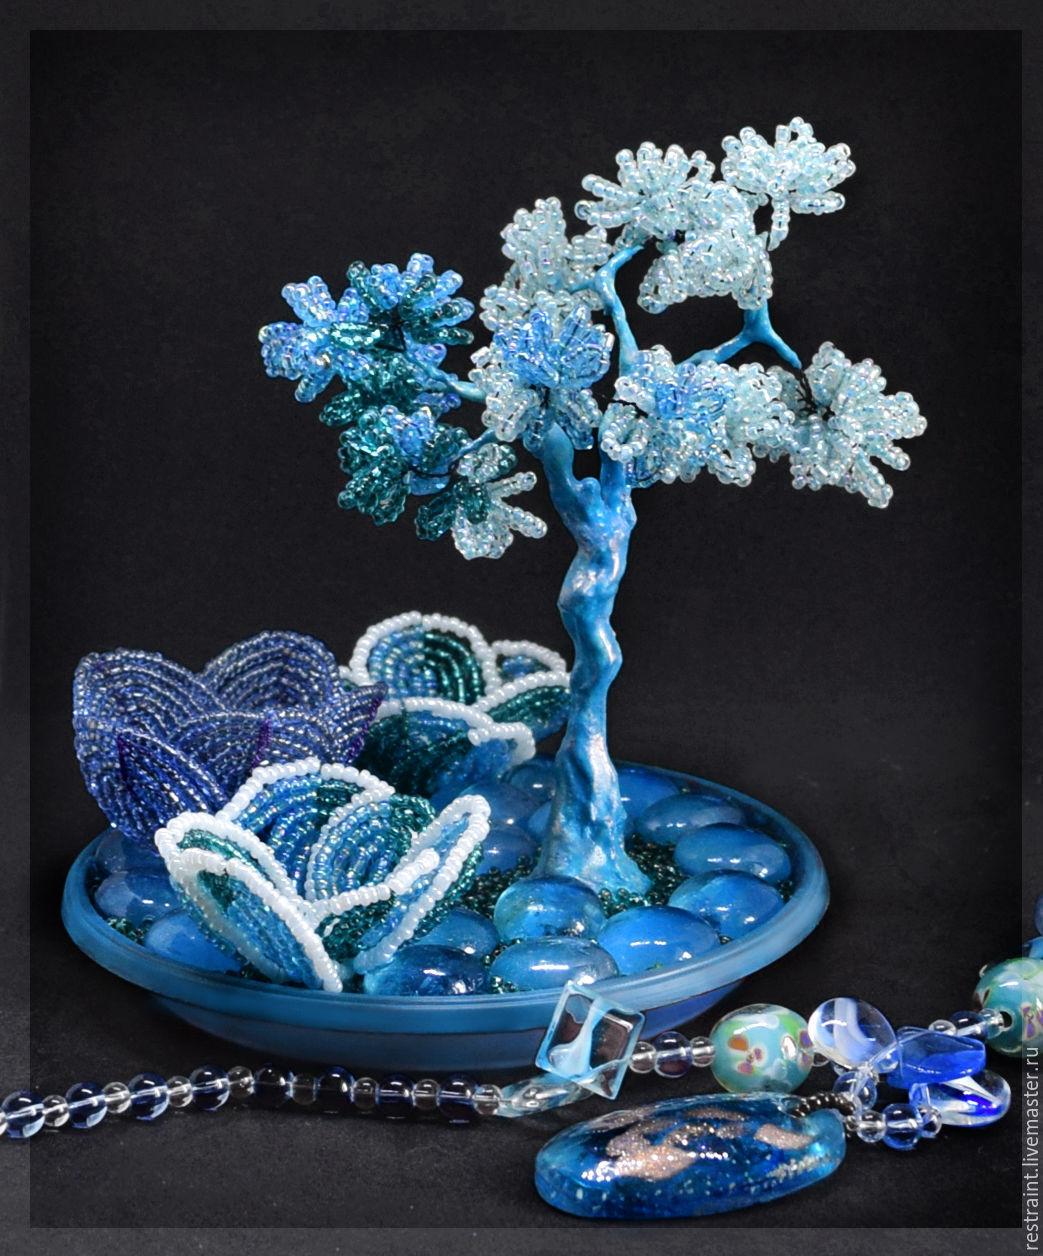 ива из бисера в голубом цвете фото